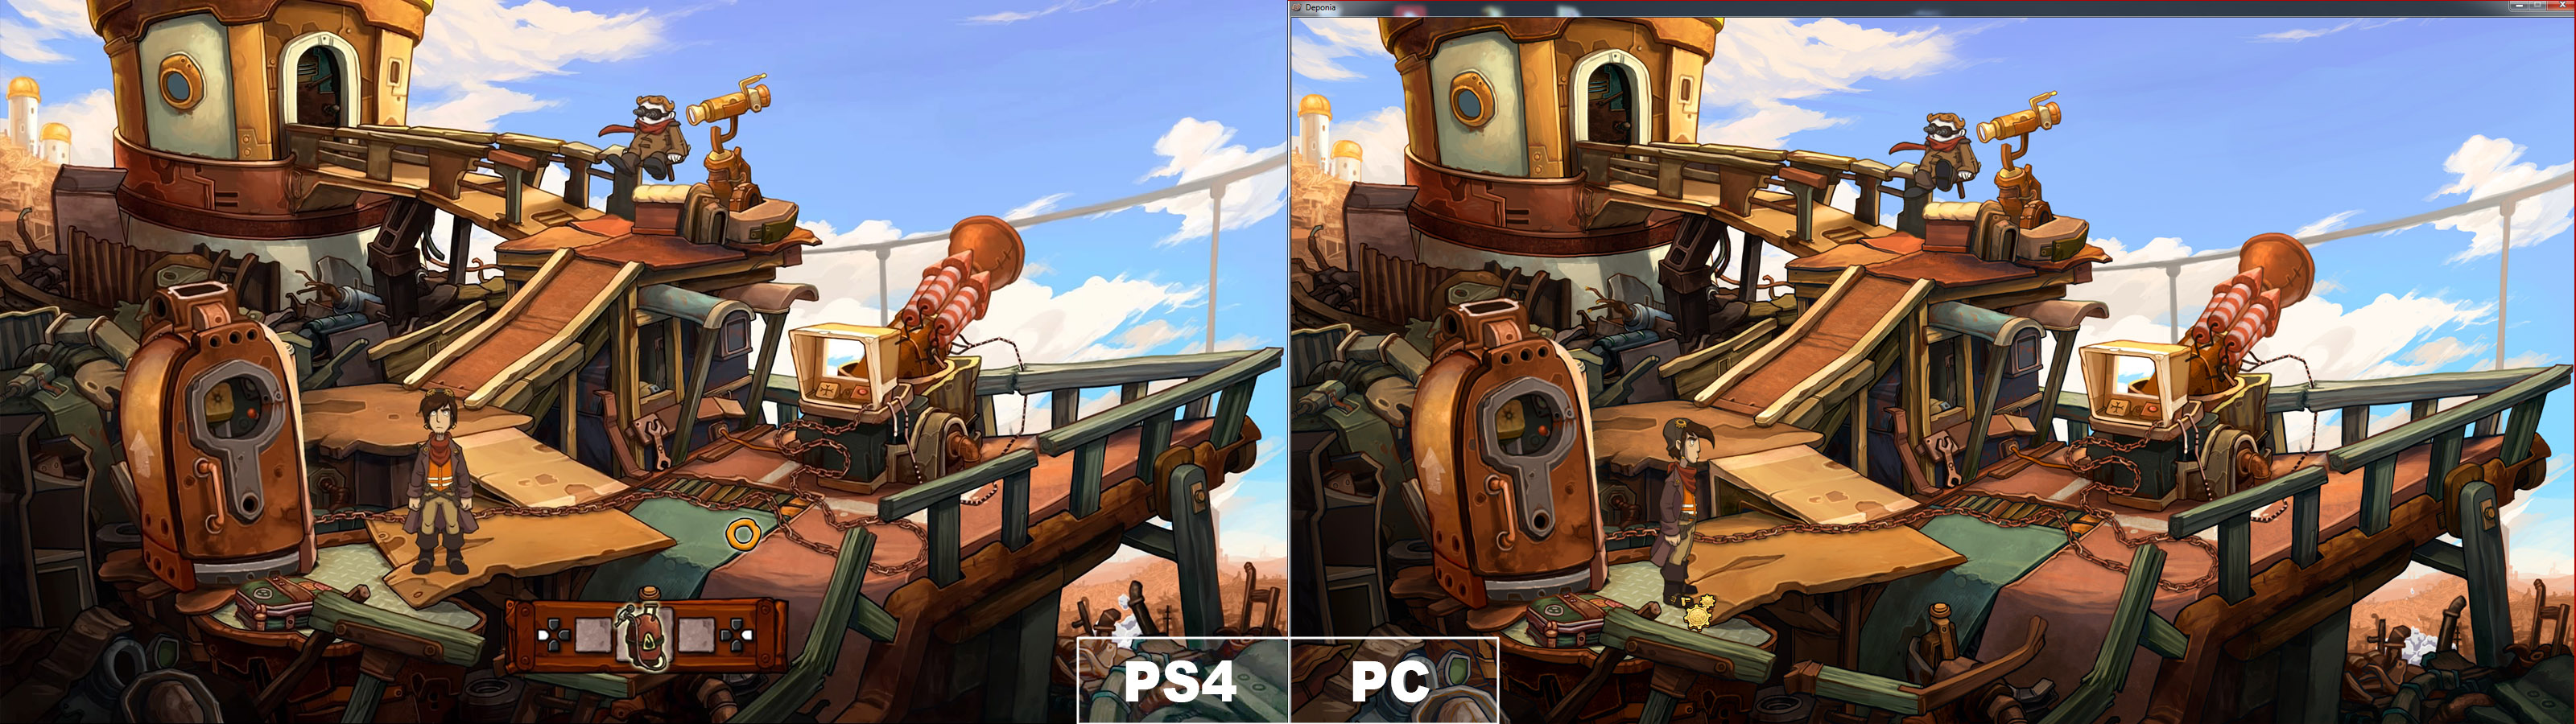 Die Grafik der PC und PS4 Versionen im Vergleich. Quelle: Screenshot Deponia